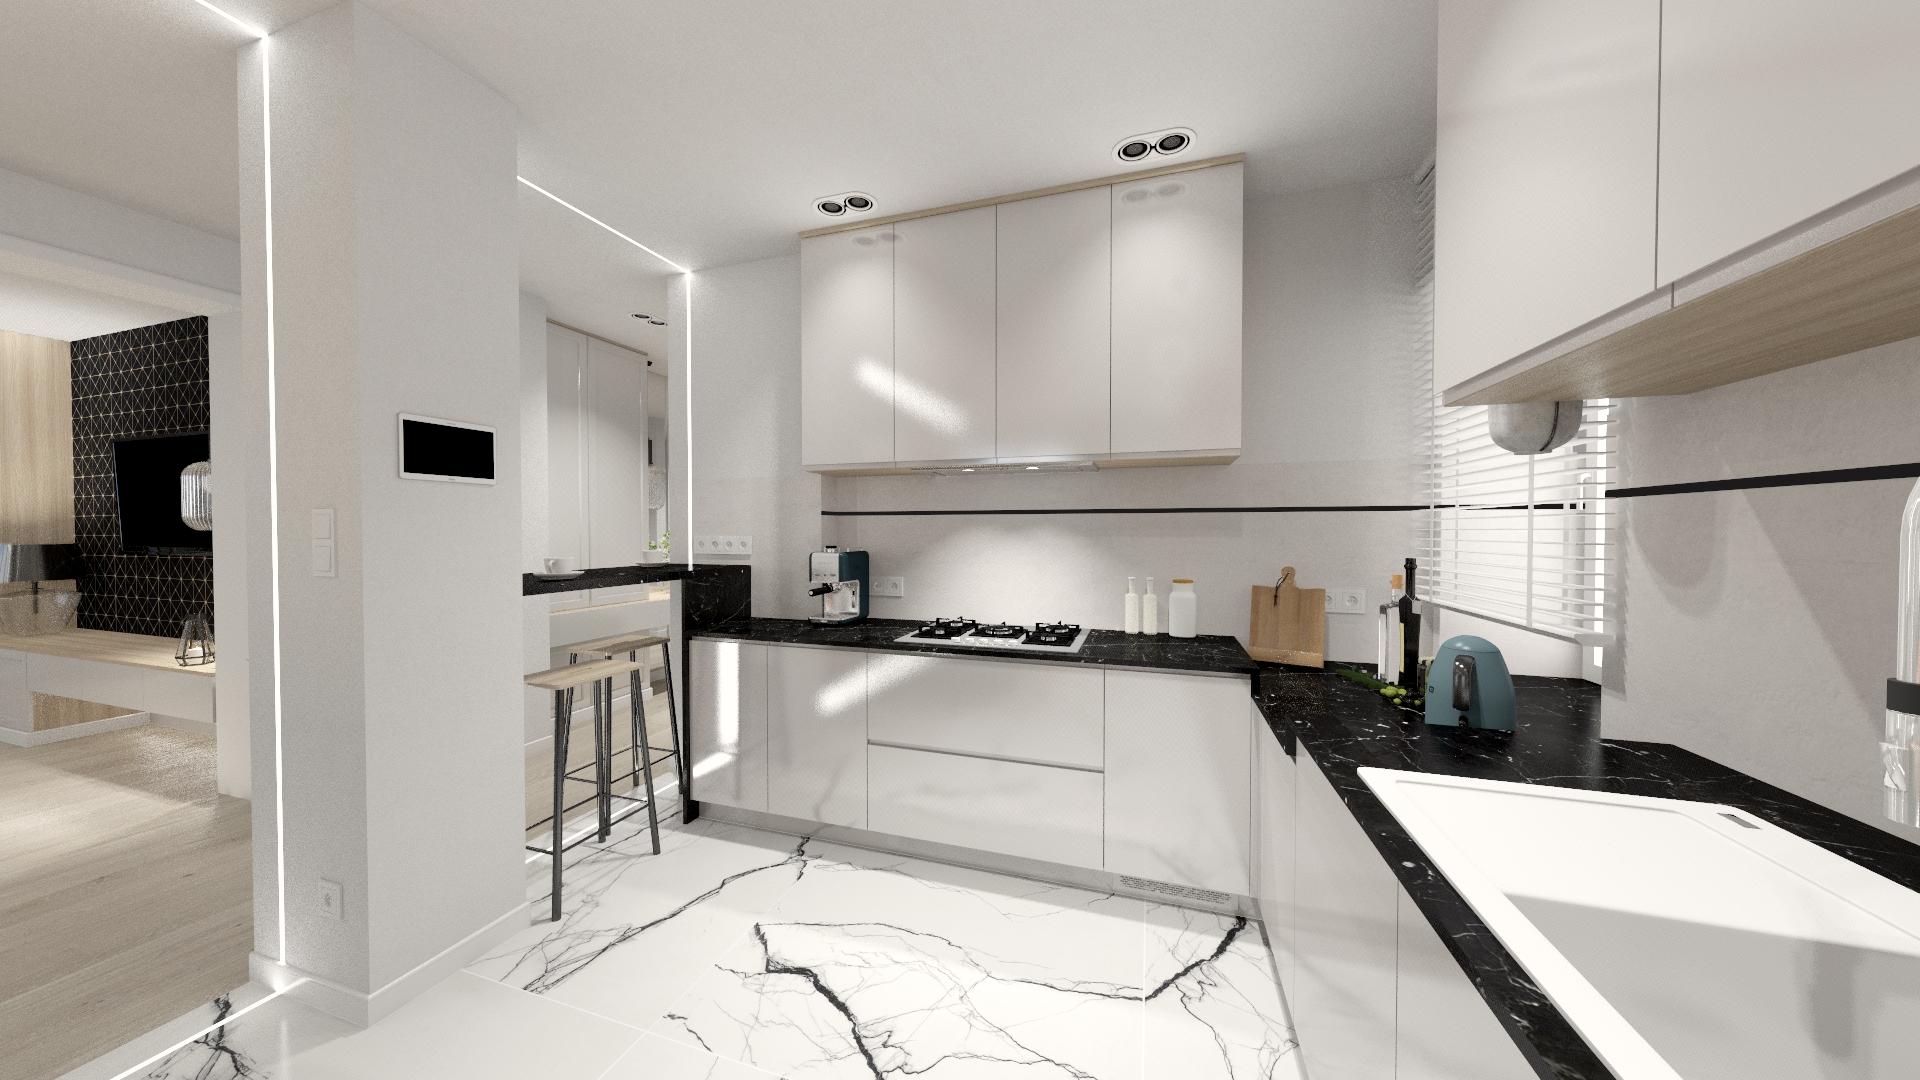 Tk kitchen kuchnia projektantpulawy pracownia projektowania wnetrz czapla malgorzata projekt interior design pulawy (2)